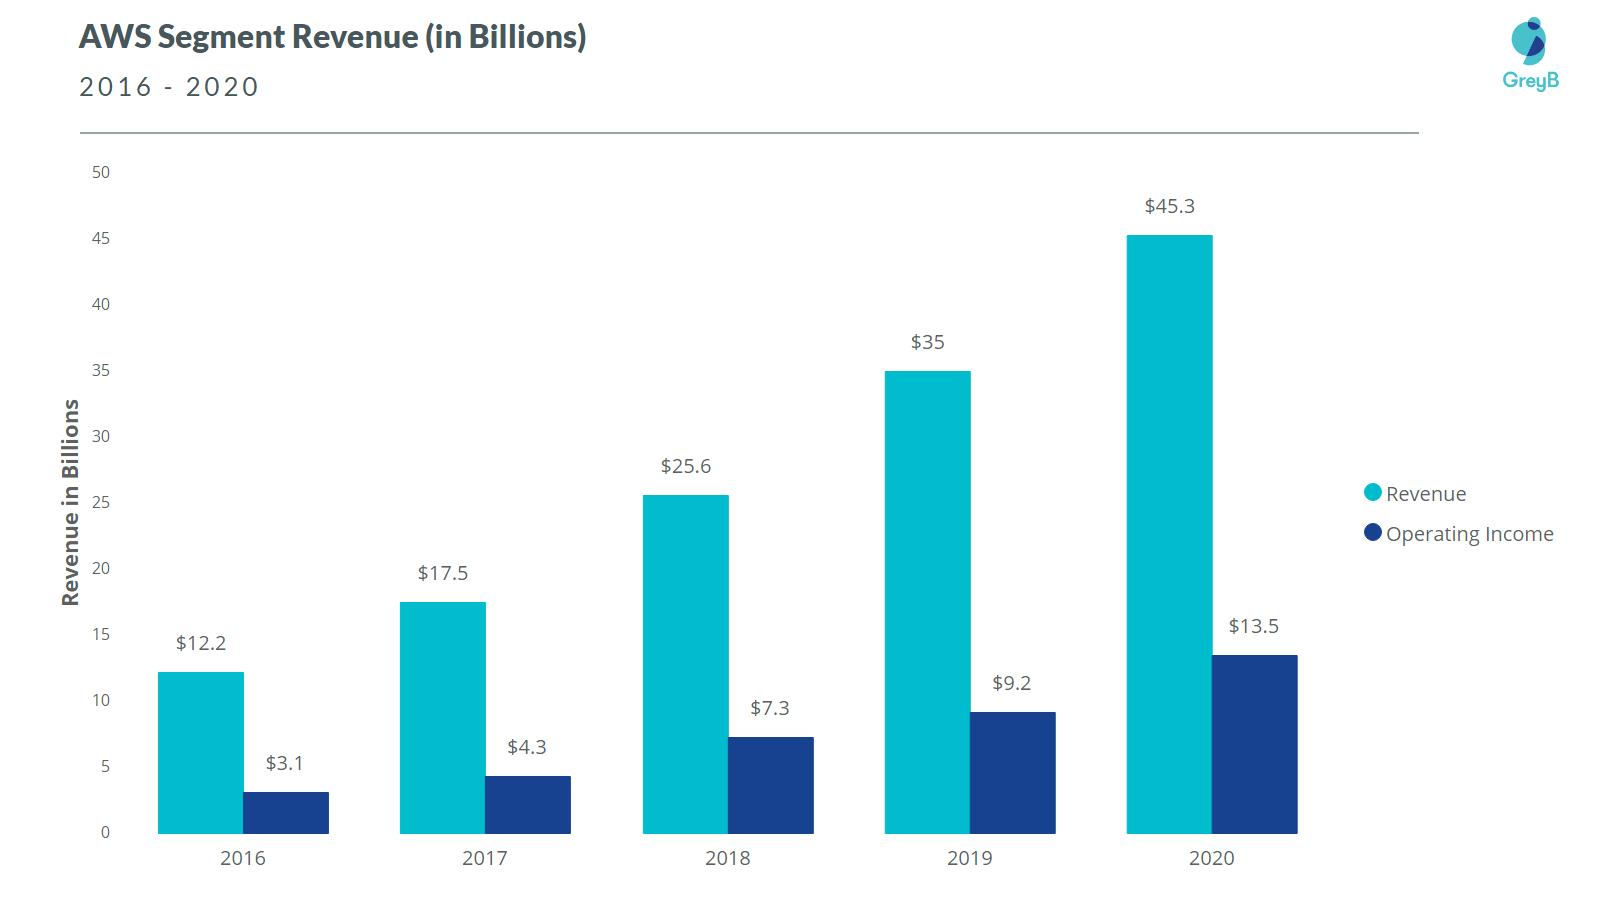 AWS Revenue 2020